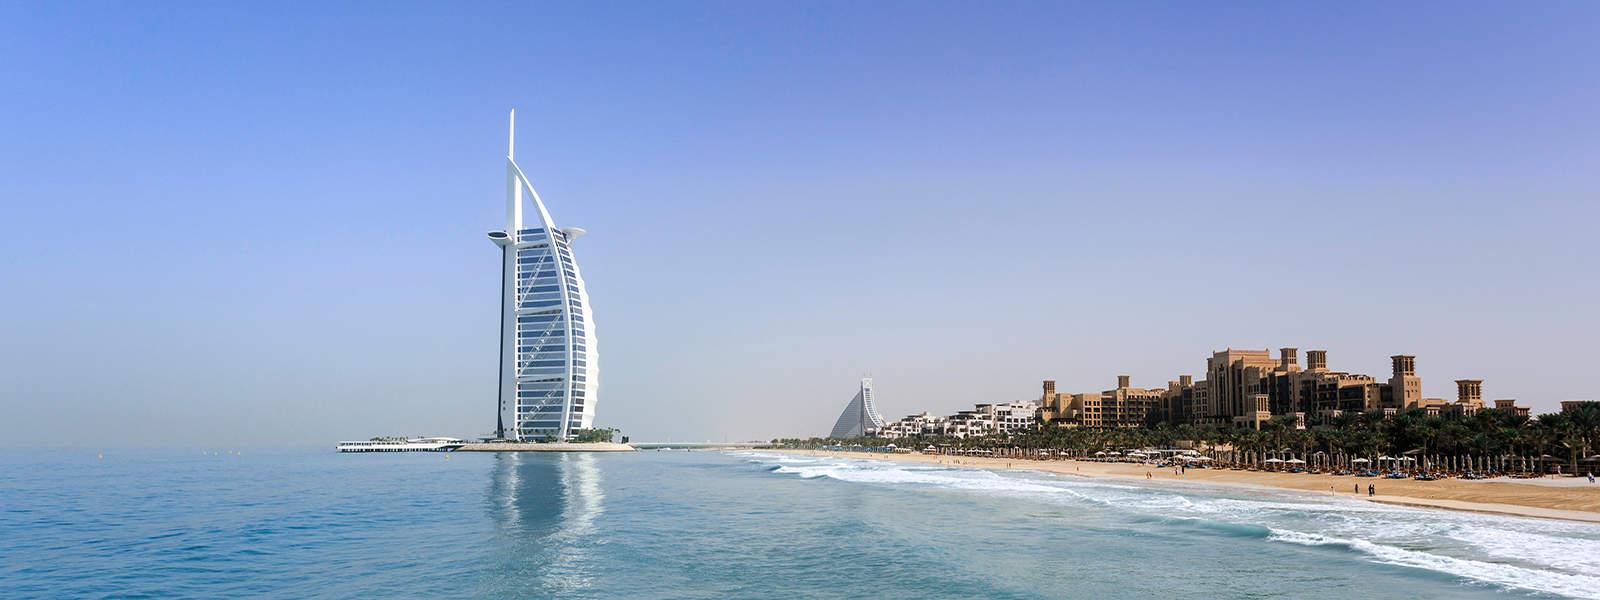 رحلة بحرية لمدة 8 أيام في الشرق الأوسط